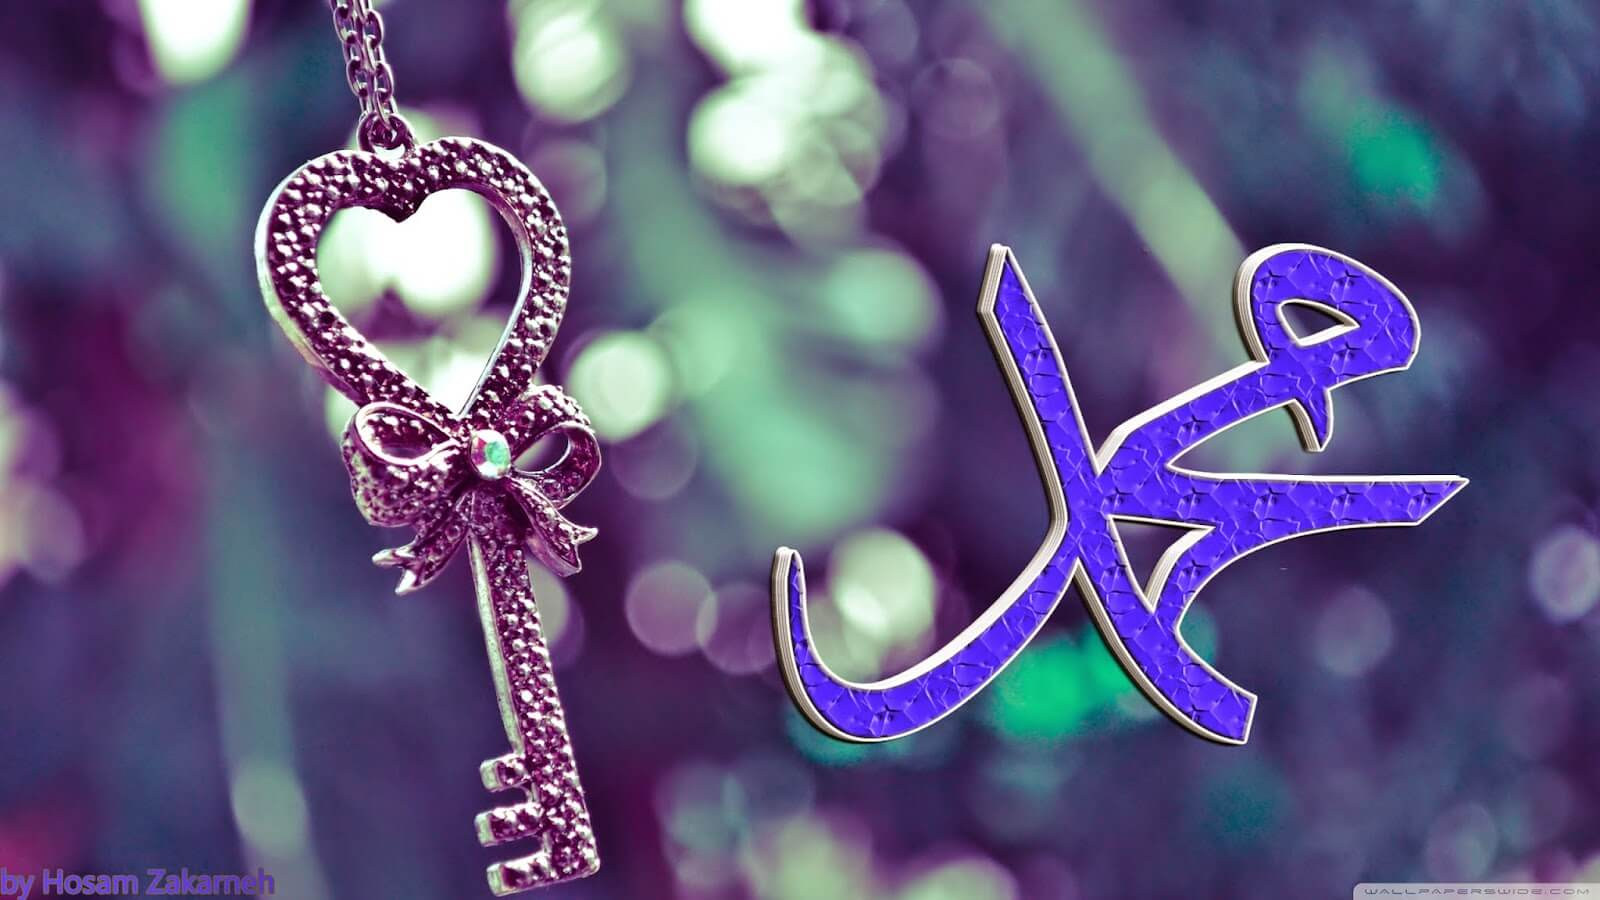 بالصور صور لاسم محمد , اسم محمد مزخرف 4443 5